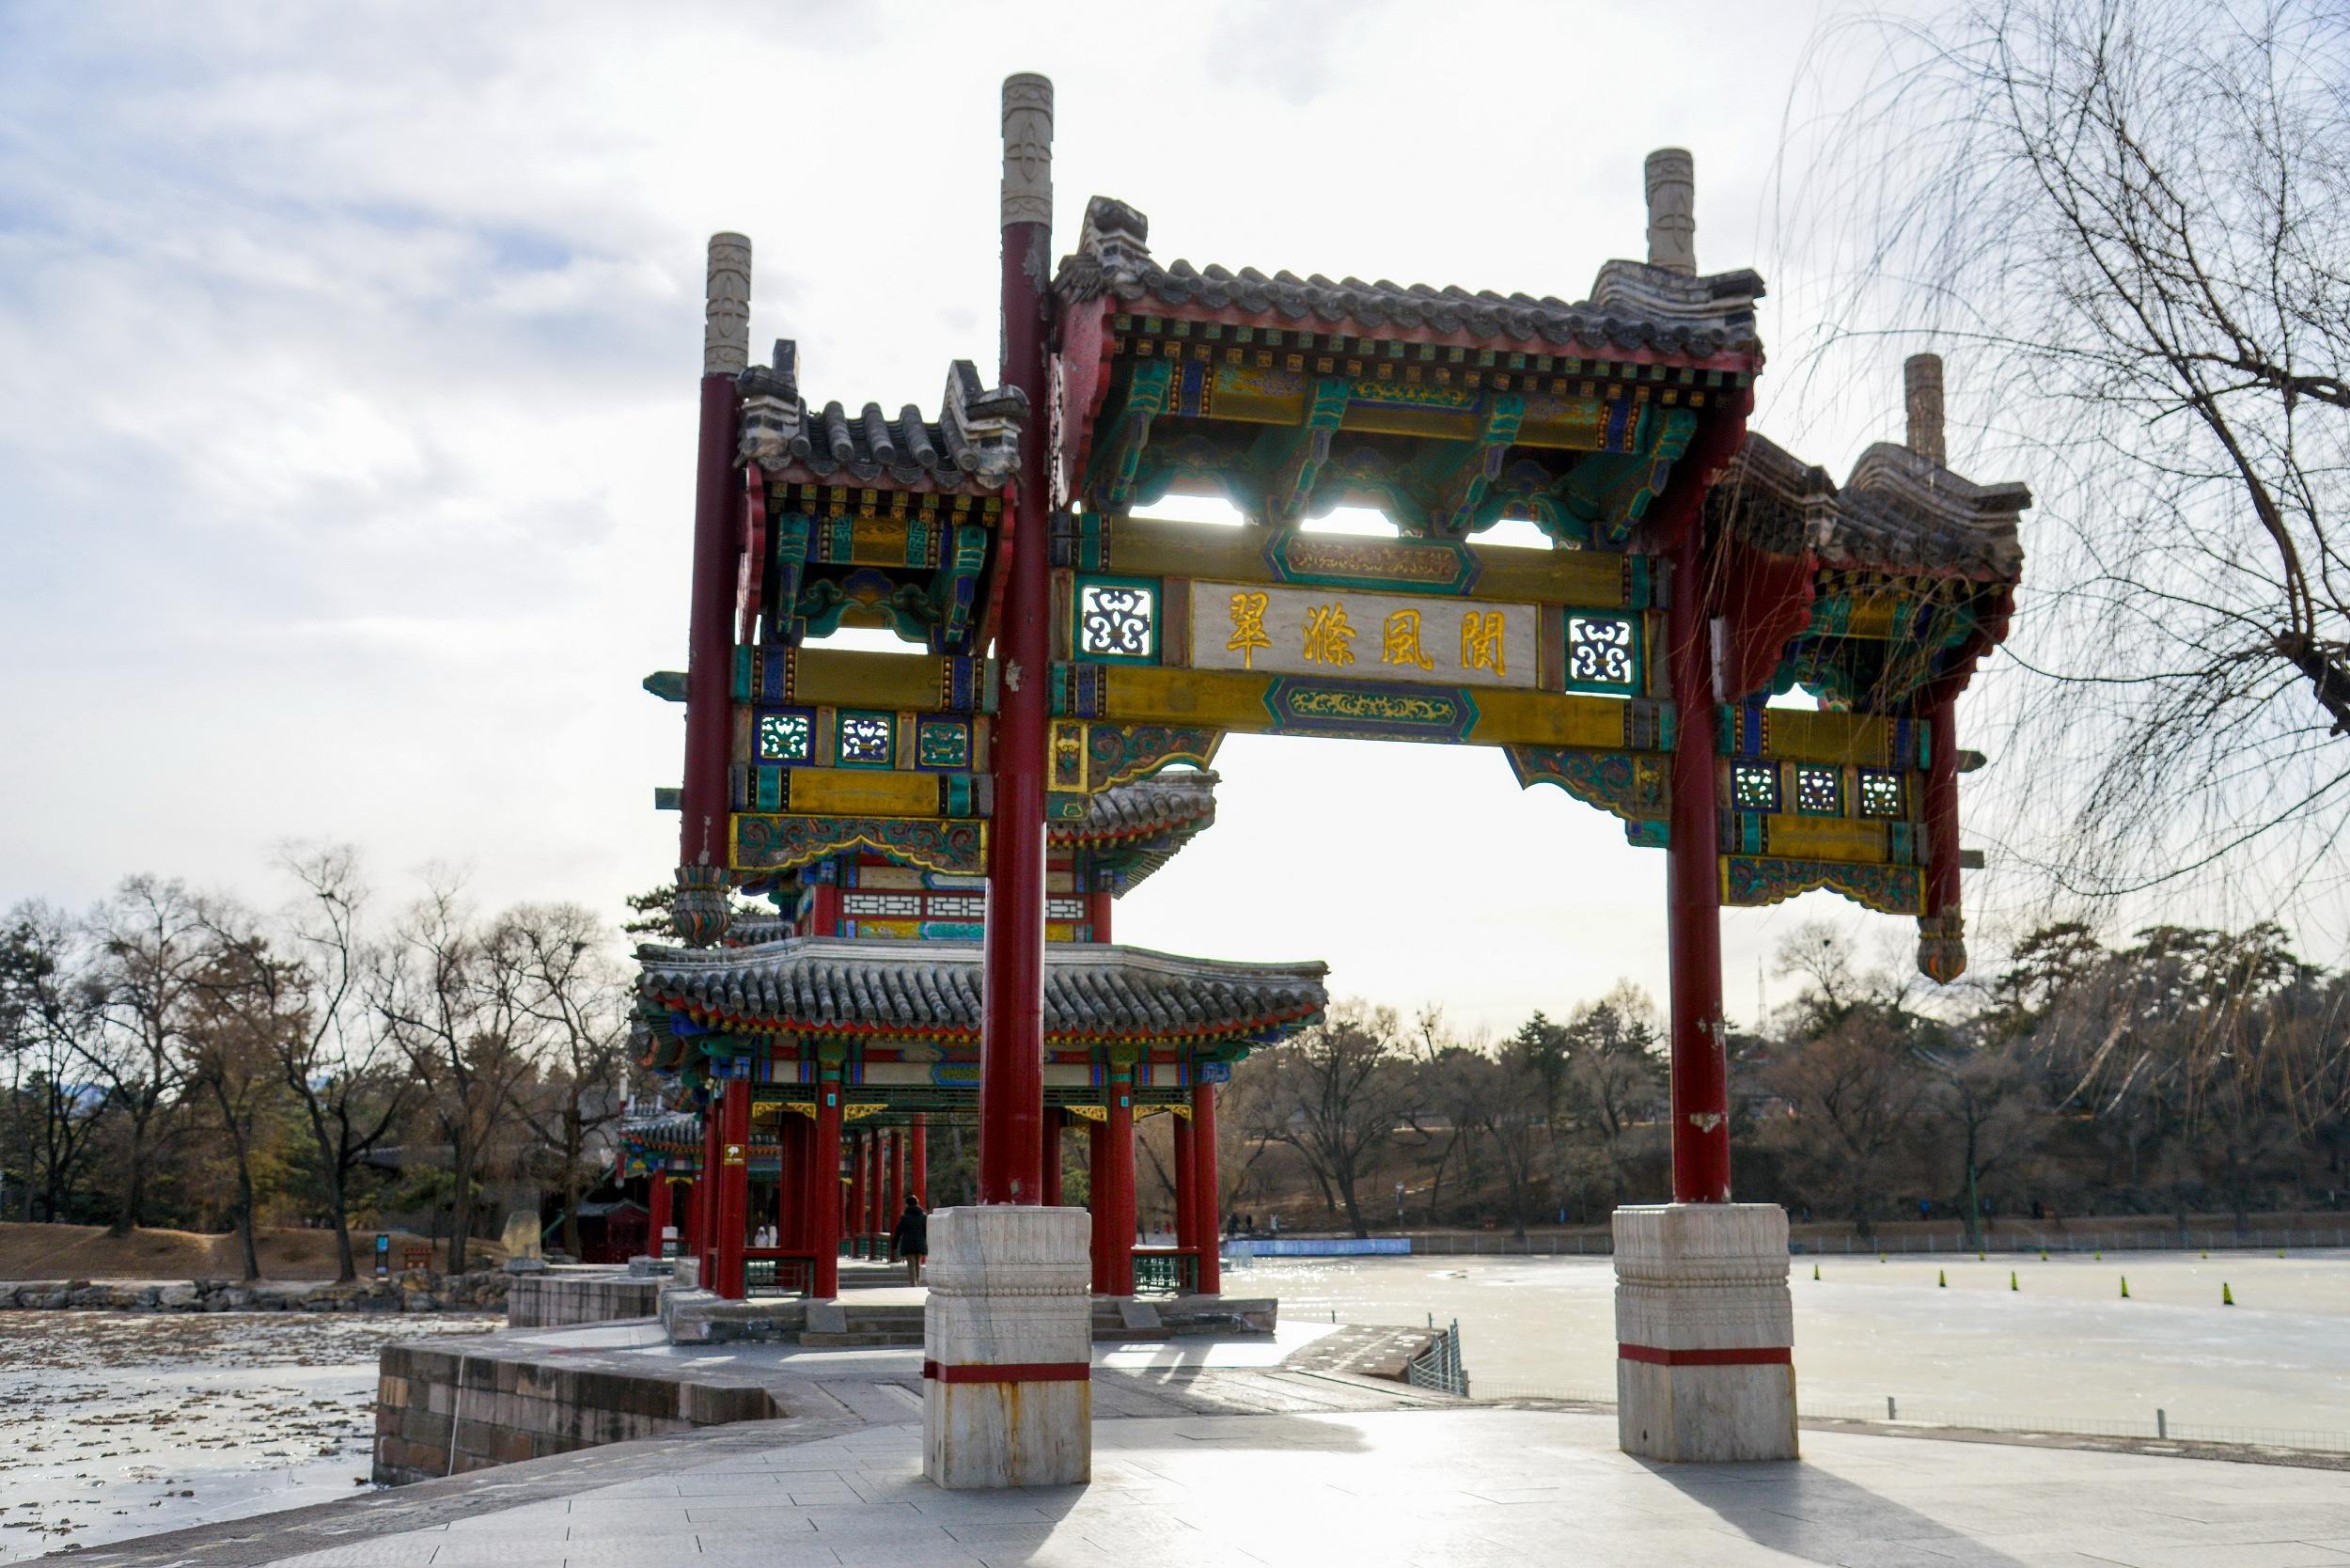 关于恢复办理避暑山庄及周围寺庙景区年票的公告